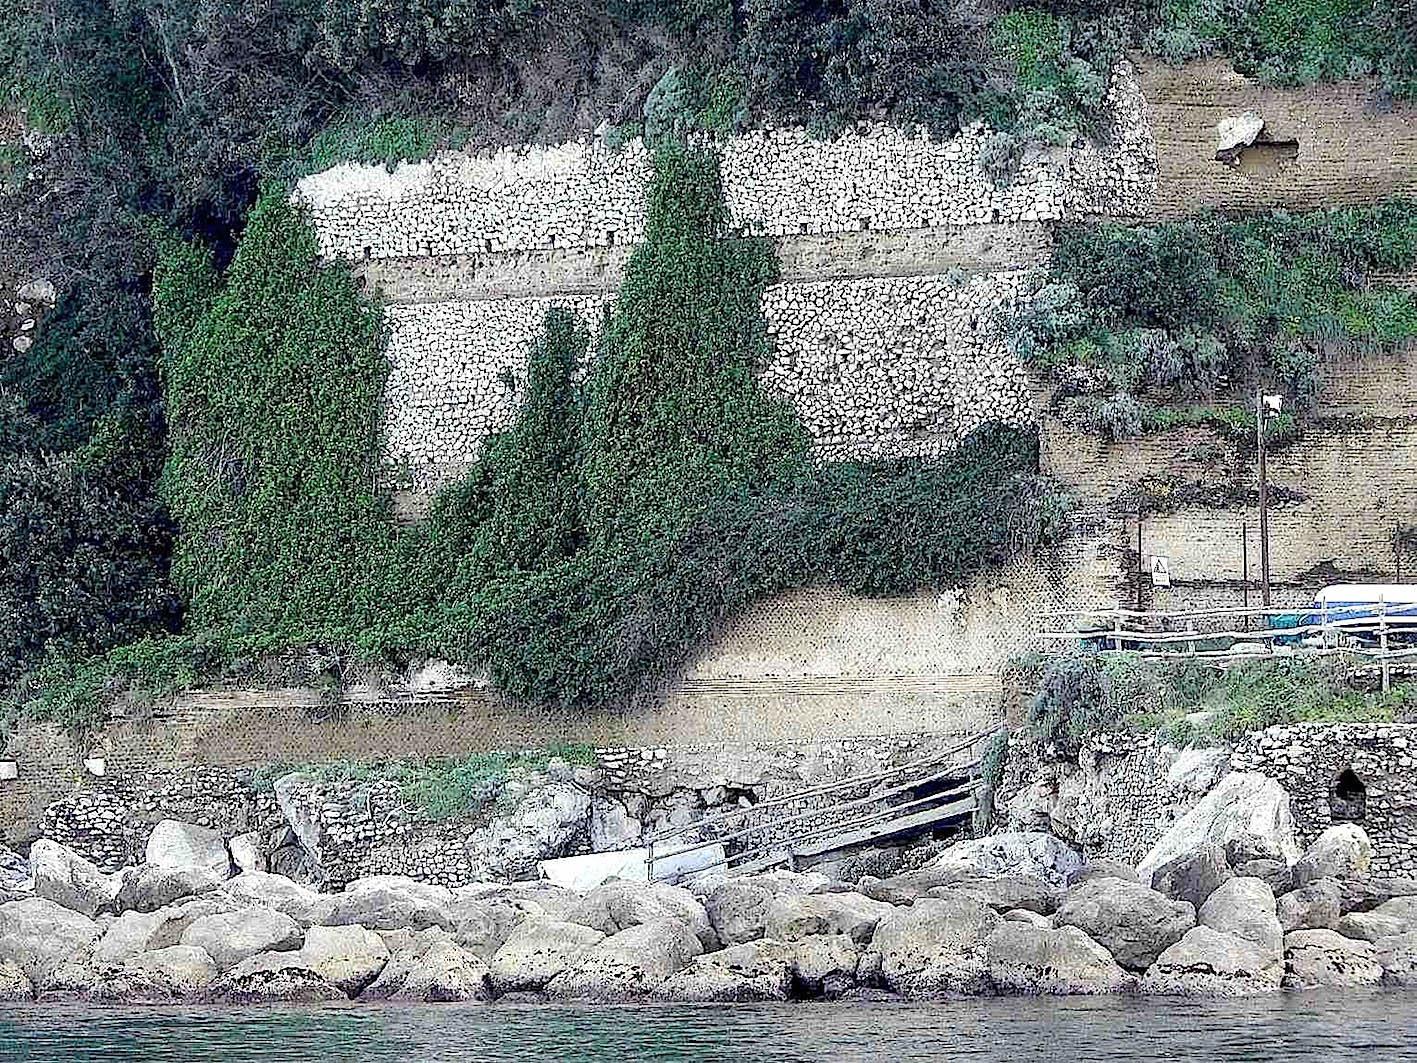 L'esedra della Villa a Mare di Tiberio invasa oggi da rampicanti